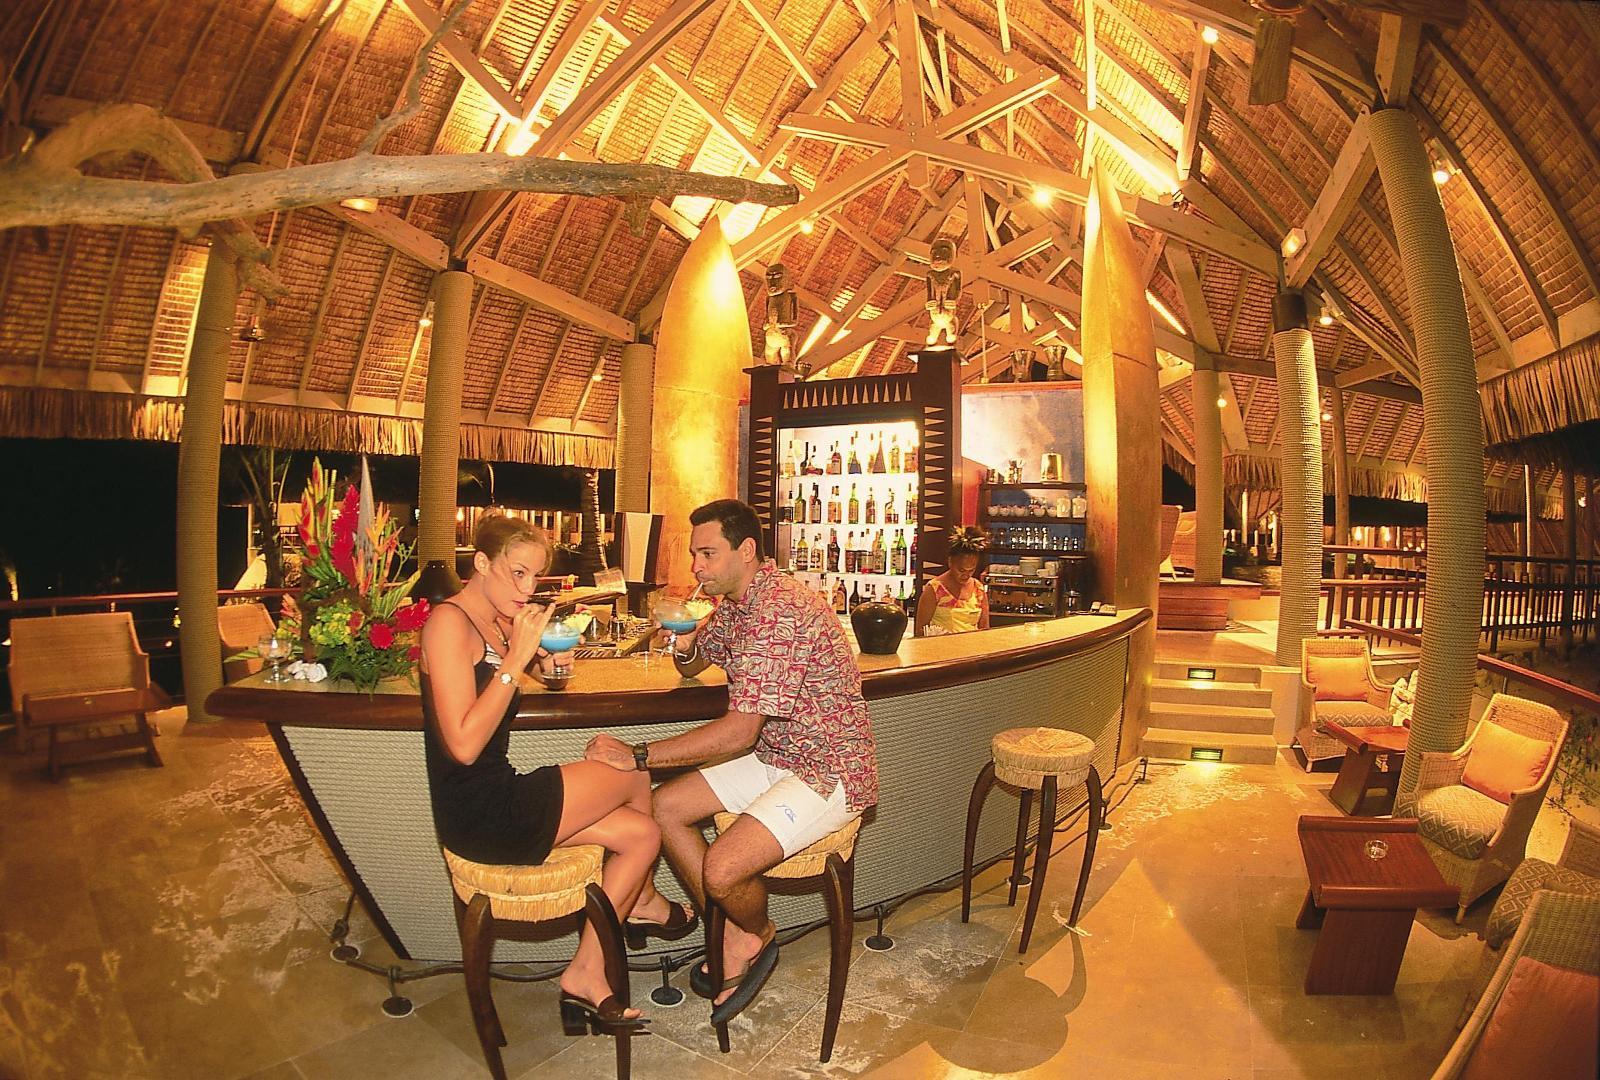 Bora Bora utazás Bora Bora hotelek és utazás